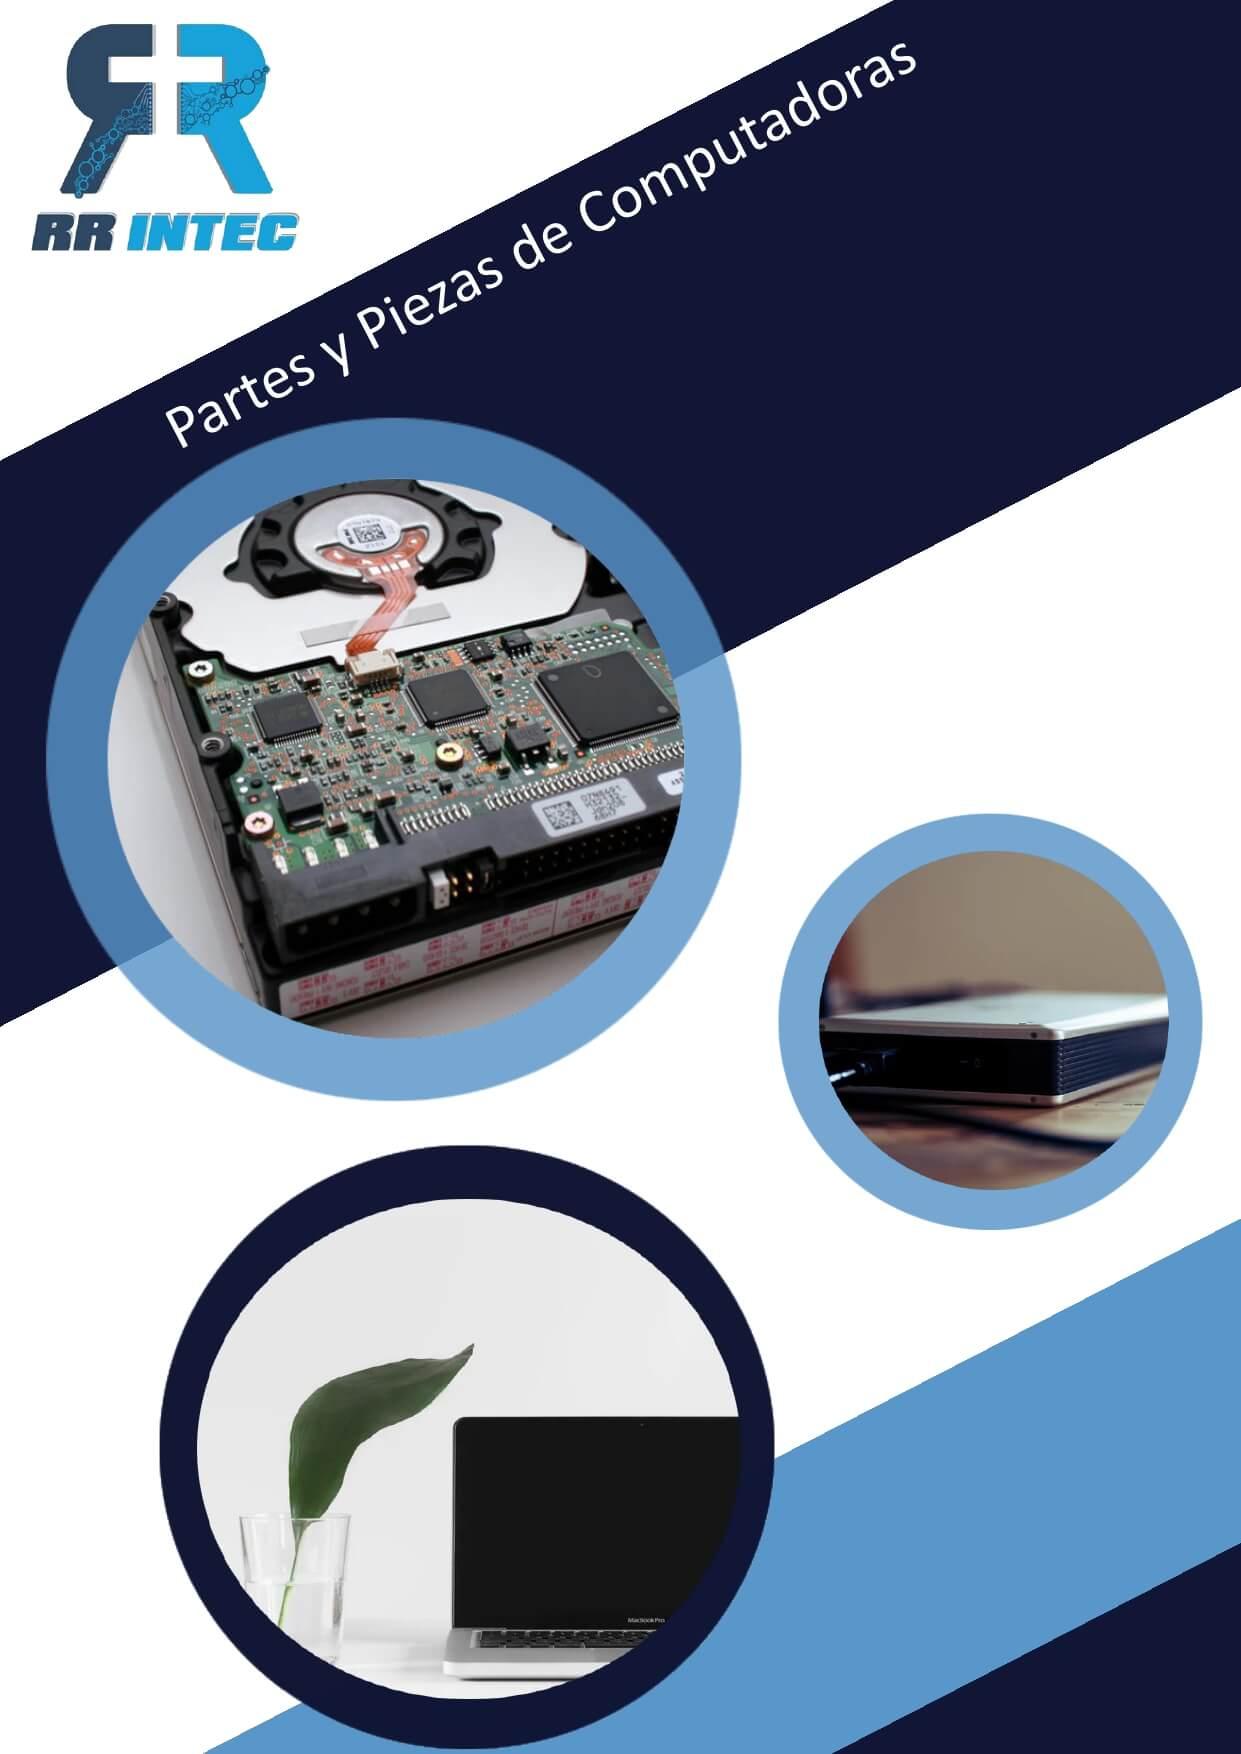 05. Partes y piezas de computadoras